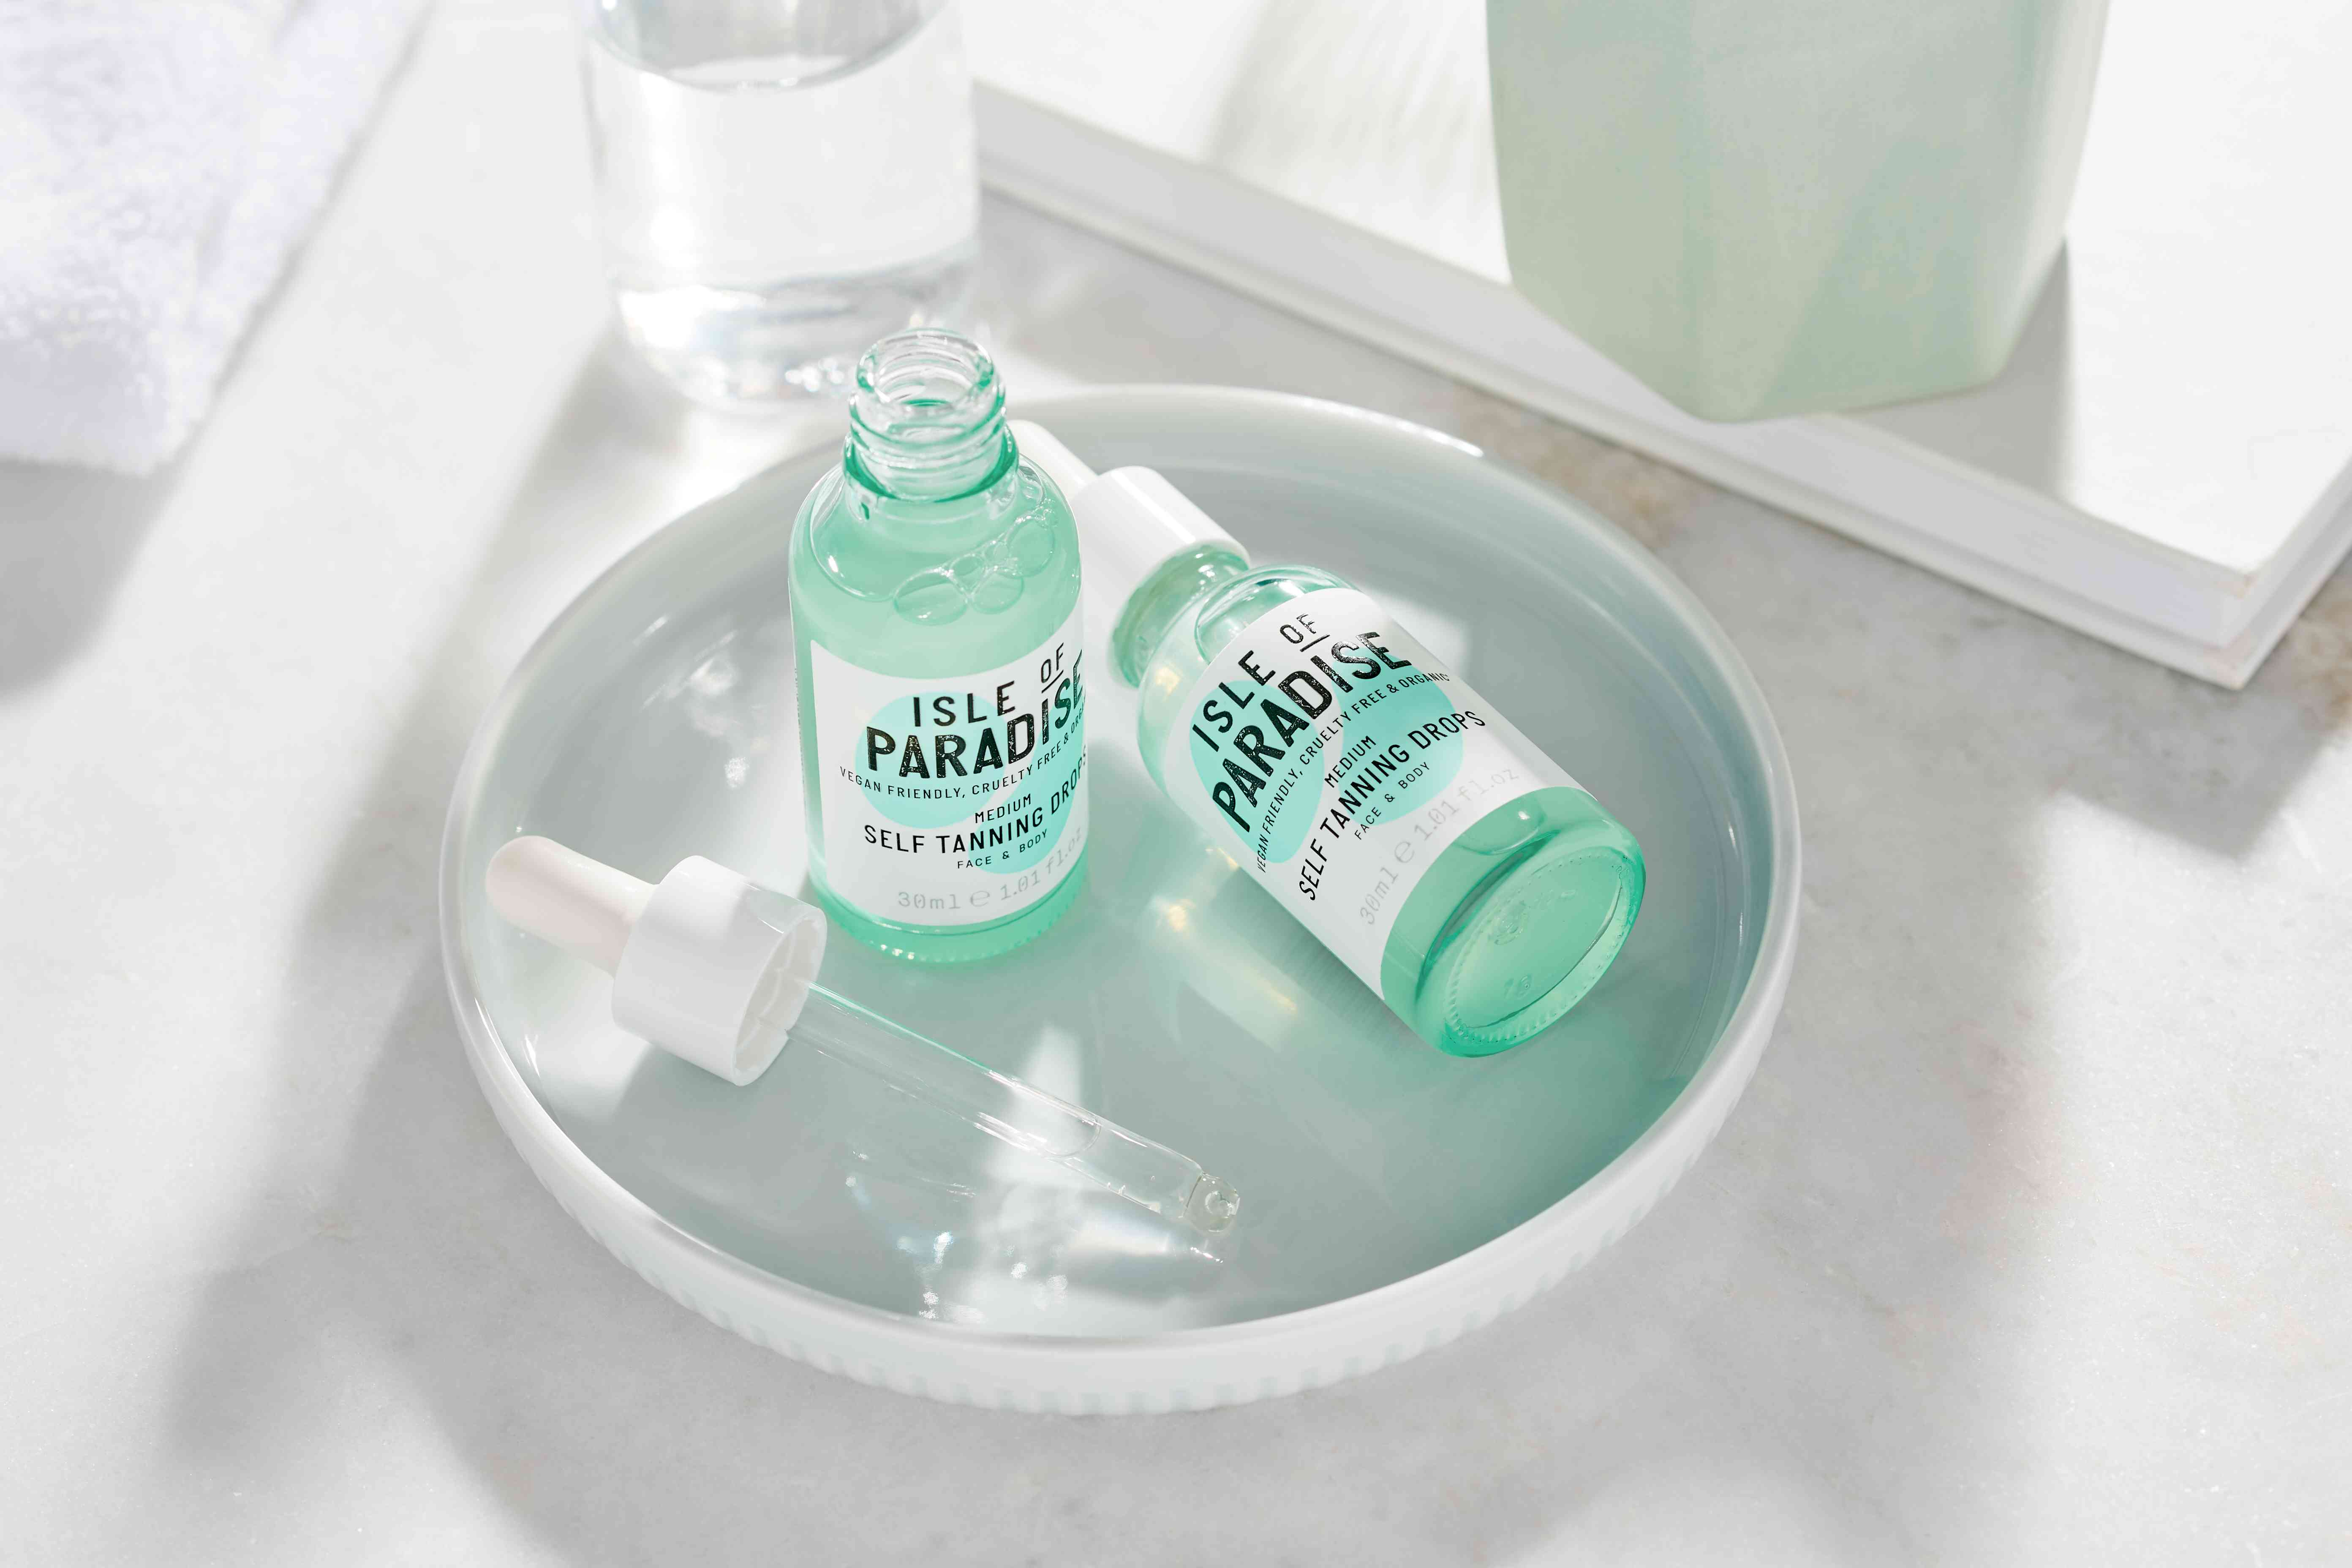 Isle of Paradise products